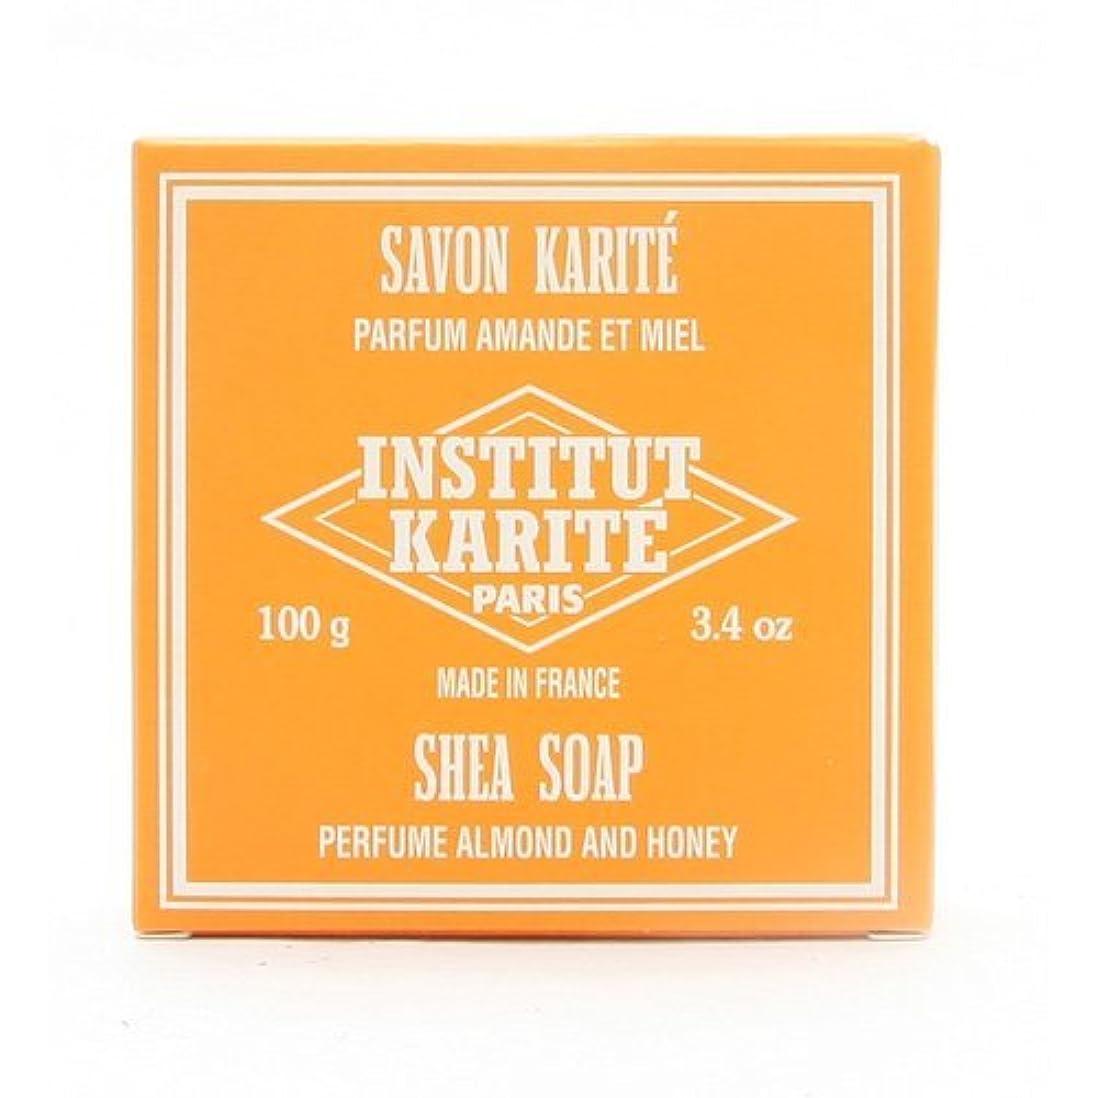 助けになる期待してミニチュアINSTITUT KARITE インスティテュート カリテ 25% Extra Gentle Soap ジェントルソープ 100g Almond Honey アーモンドハニー